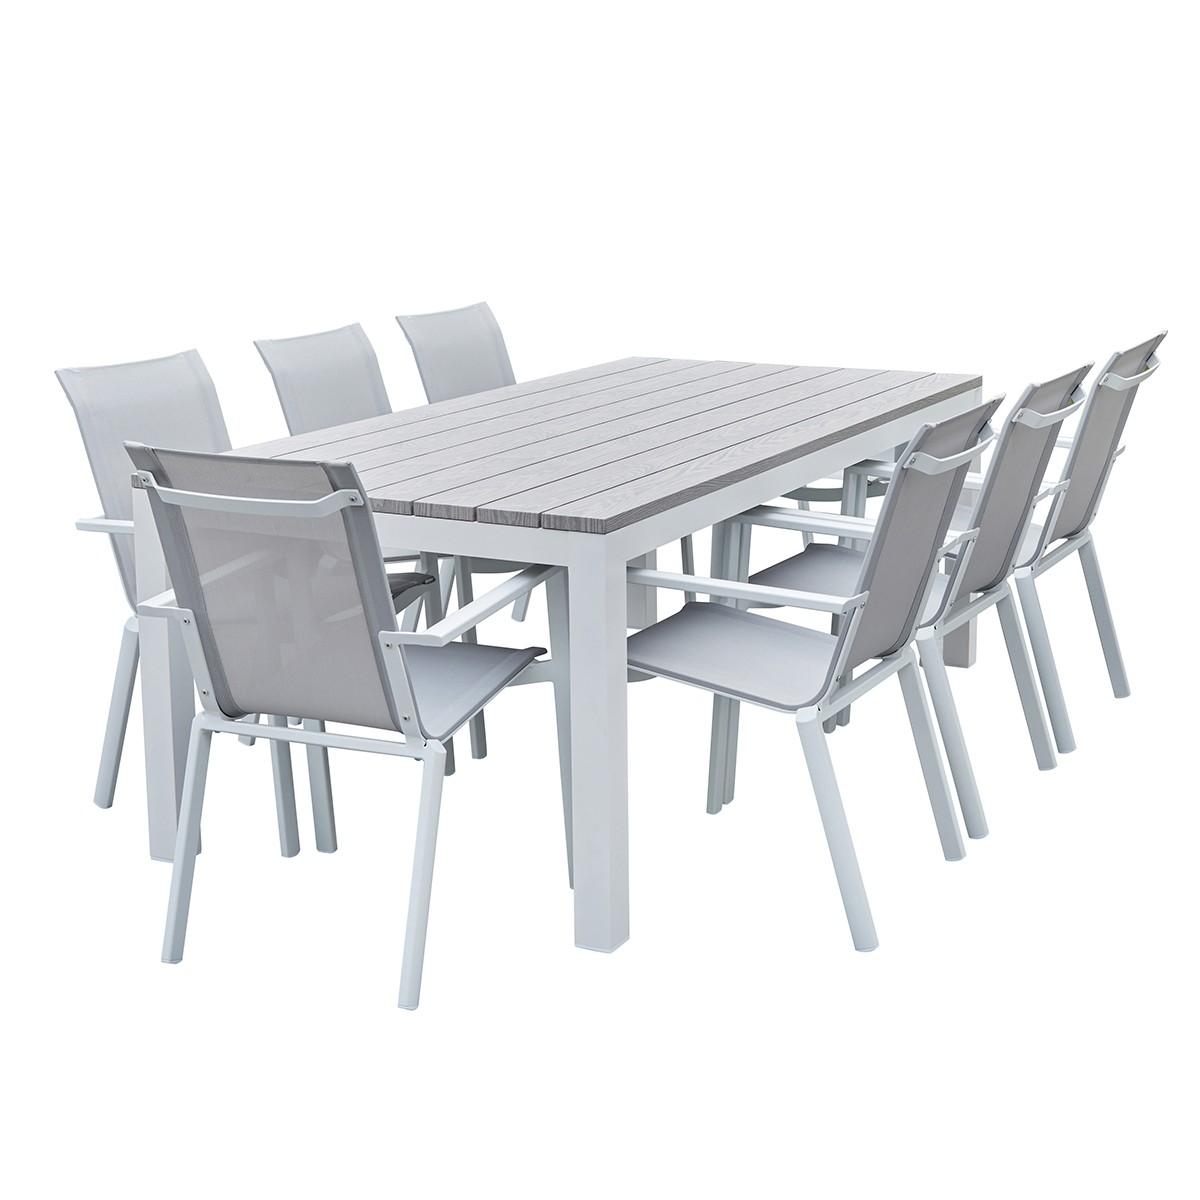 Salon de jardin aluminium blanc et textilène gris 8 personnes